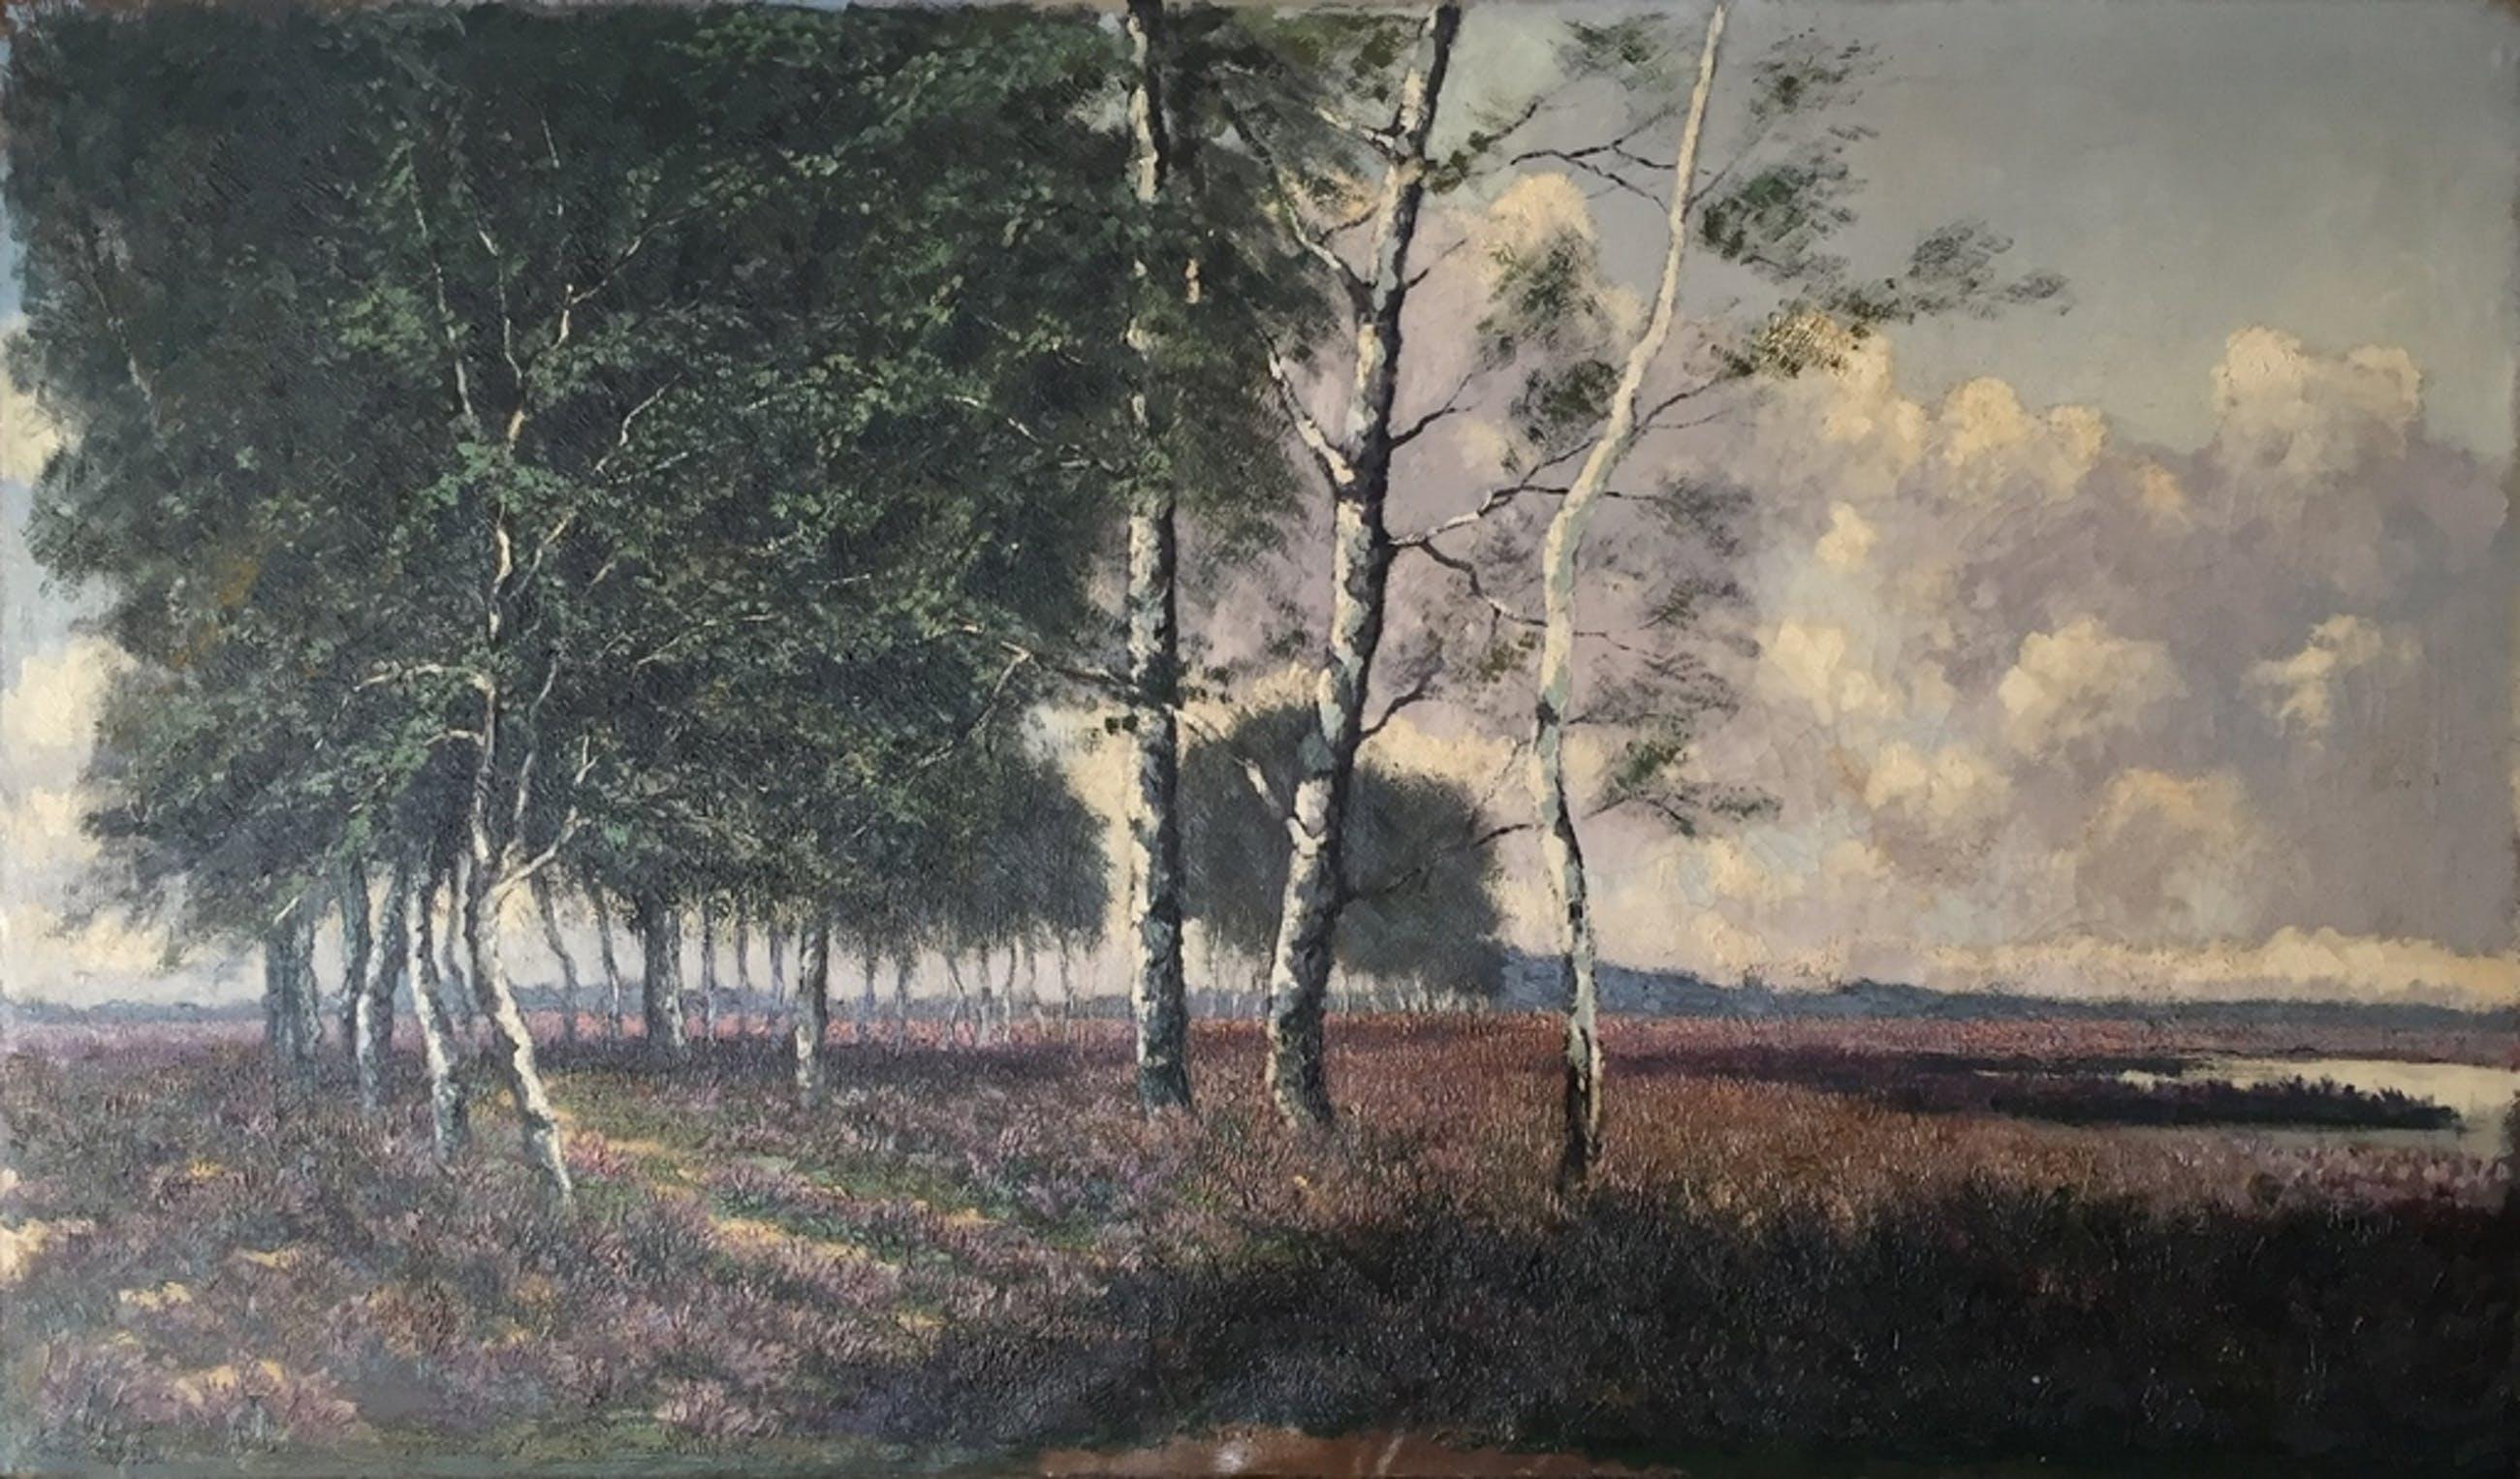 Arie van der Boon - Olieverf op doek - Heide landschap kopen? Bied vanaf 750!